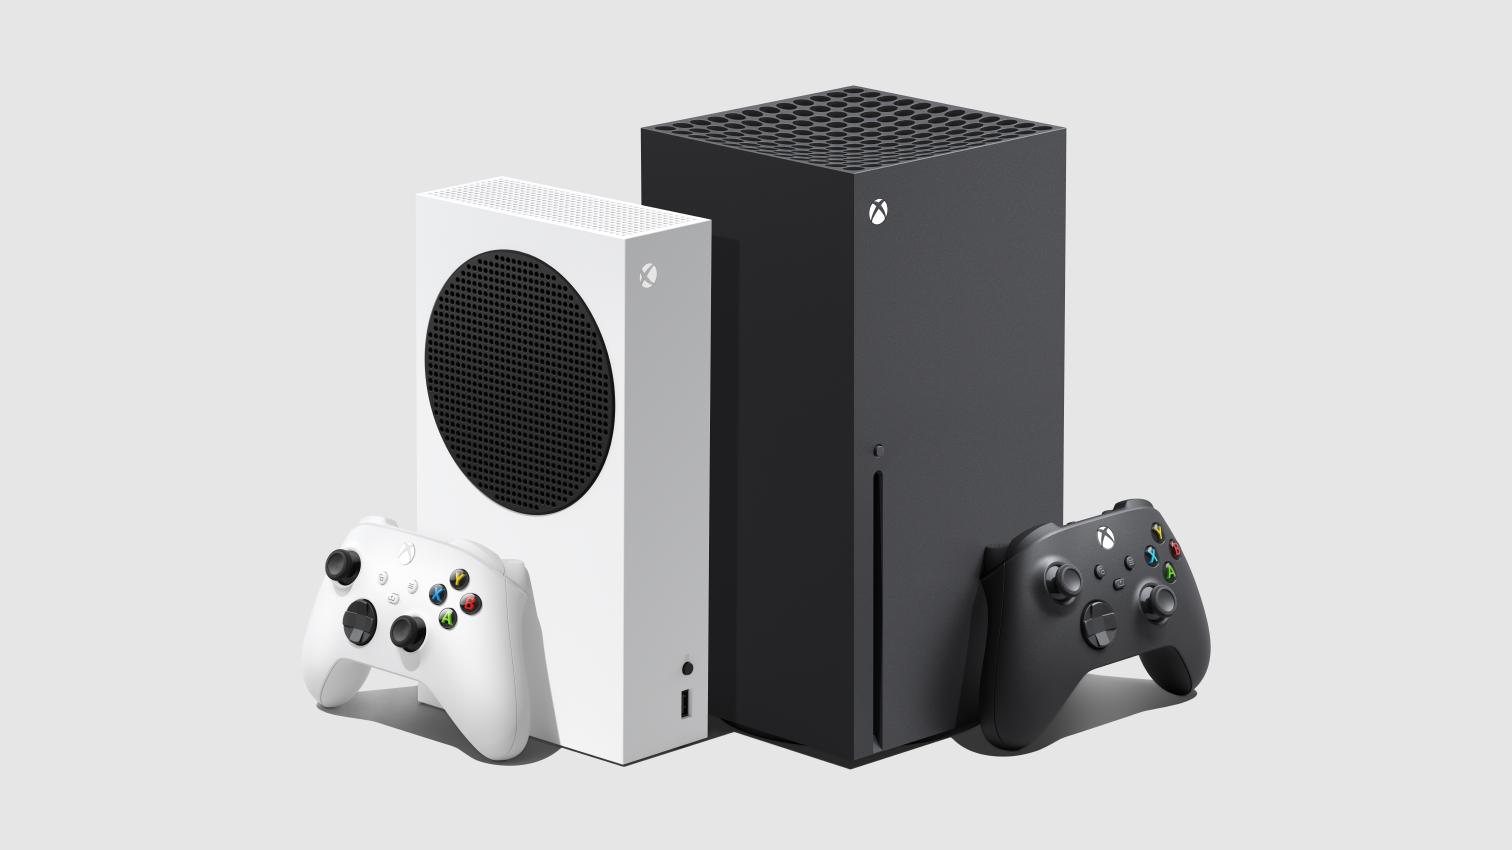 Render van de Xbox Series S en Xbox Series X consoles naast elkaar, beide bijgestaan door hun meegeleverde controller.